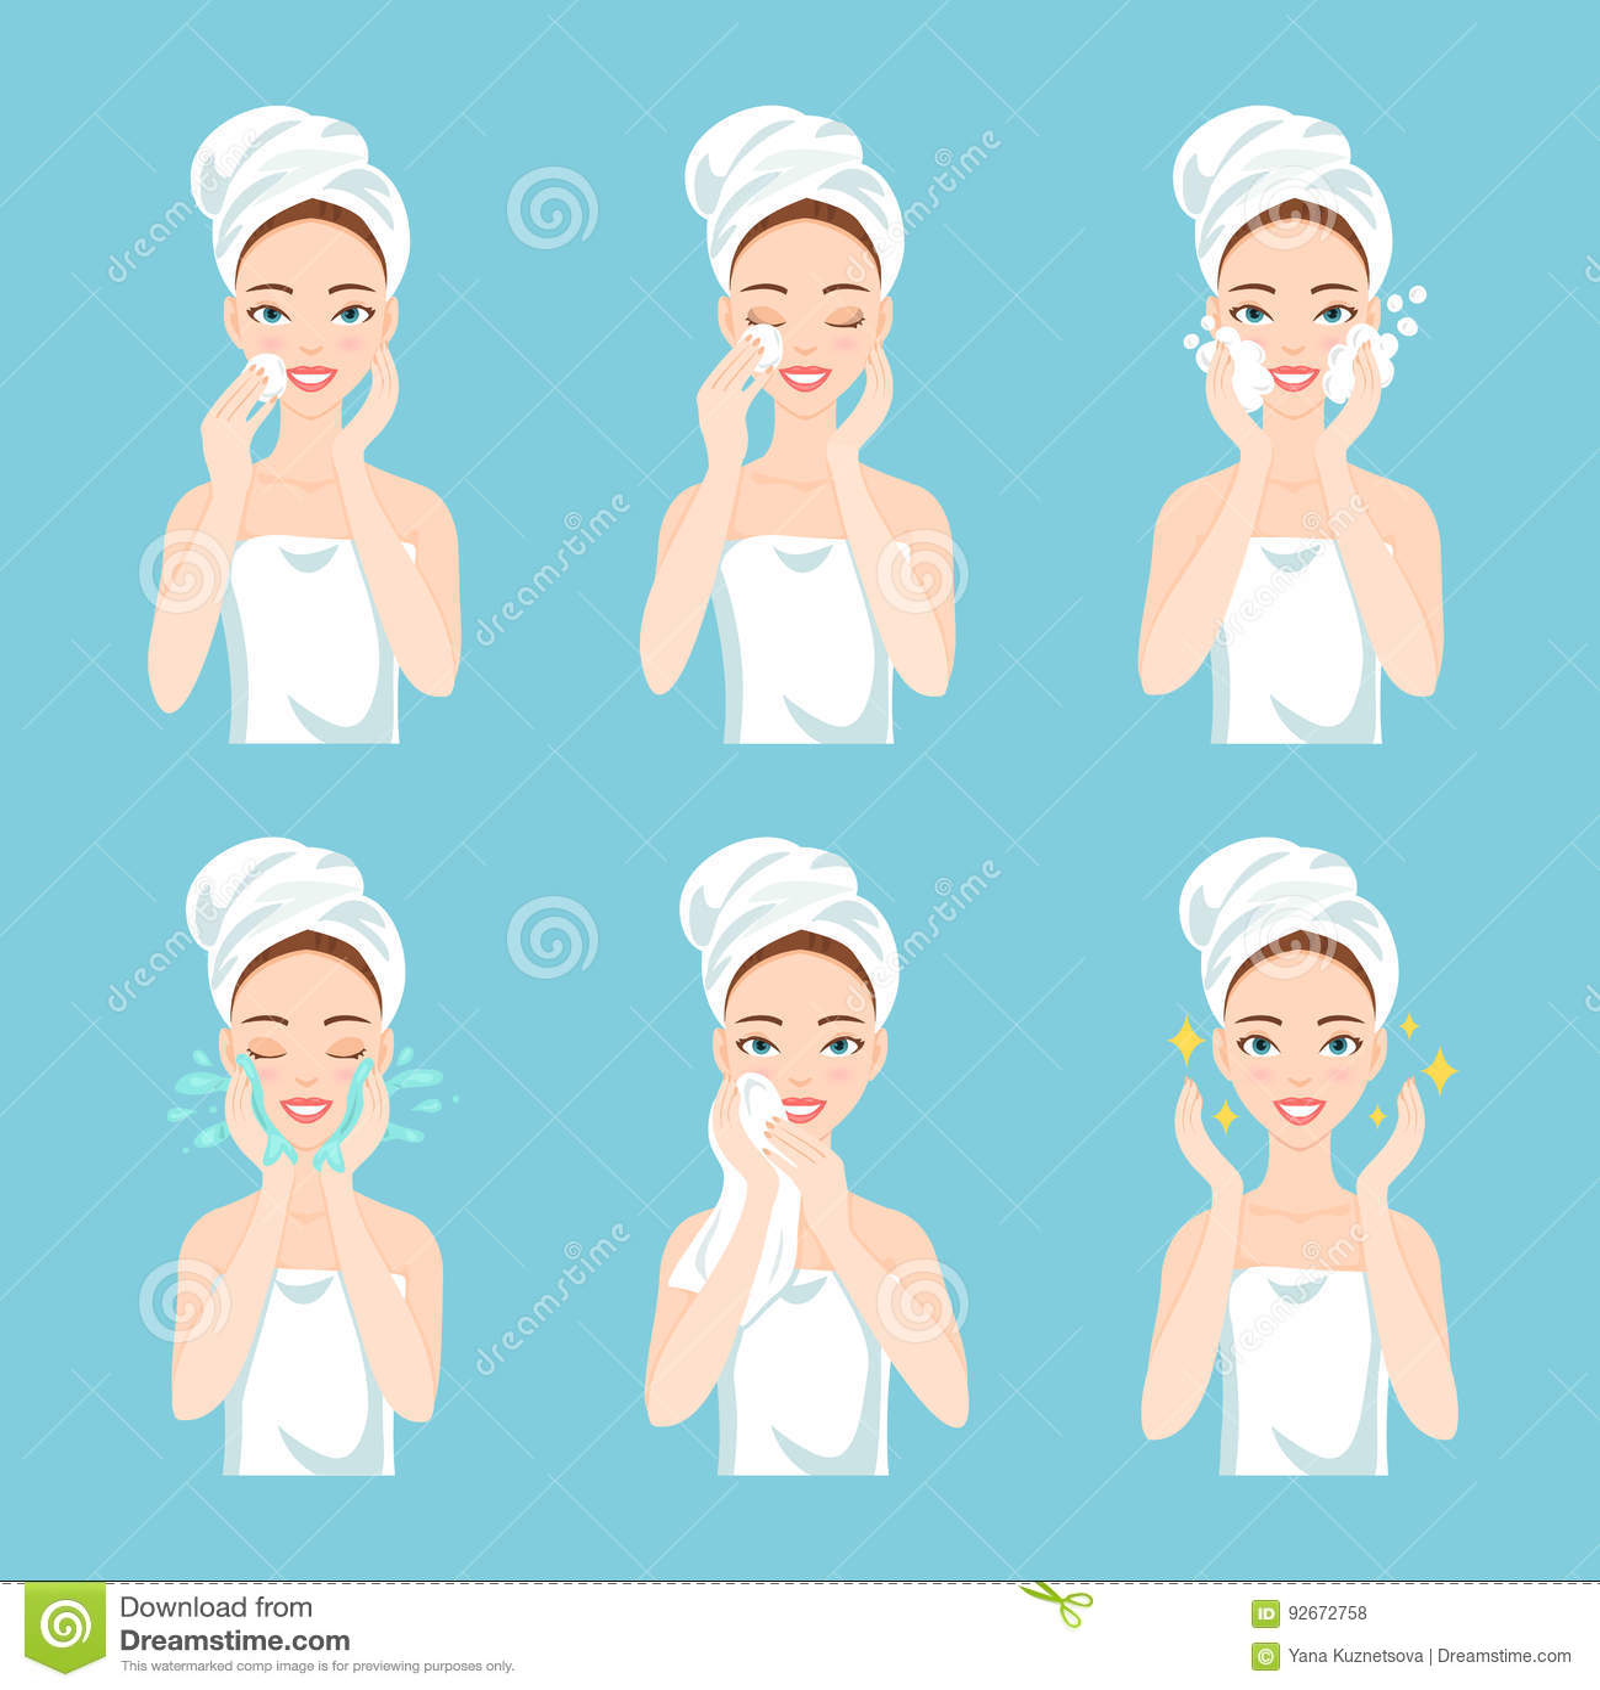 Make Natural Face Wash